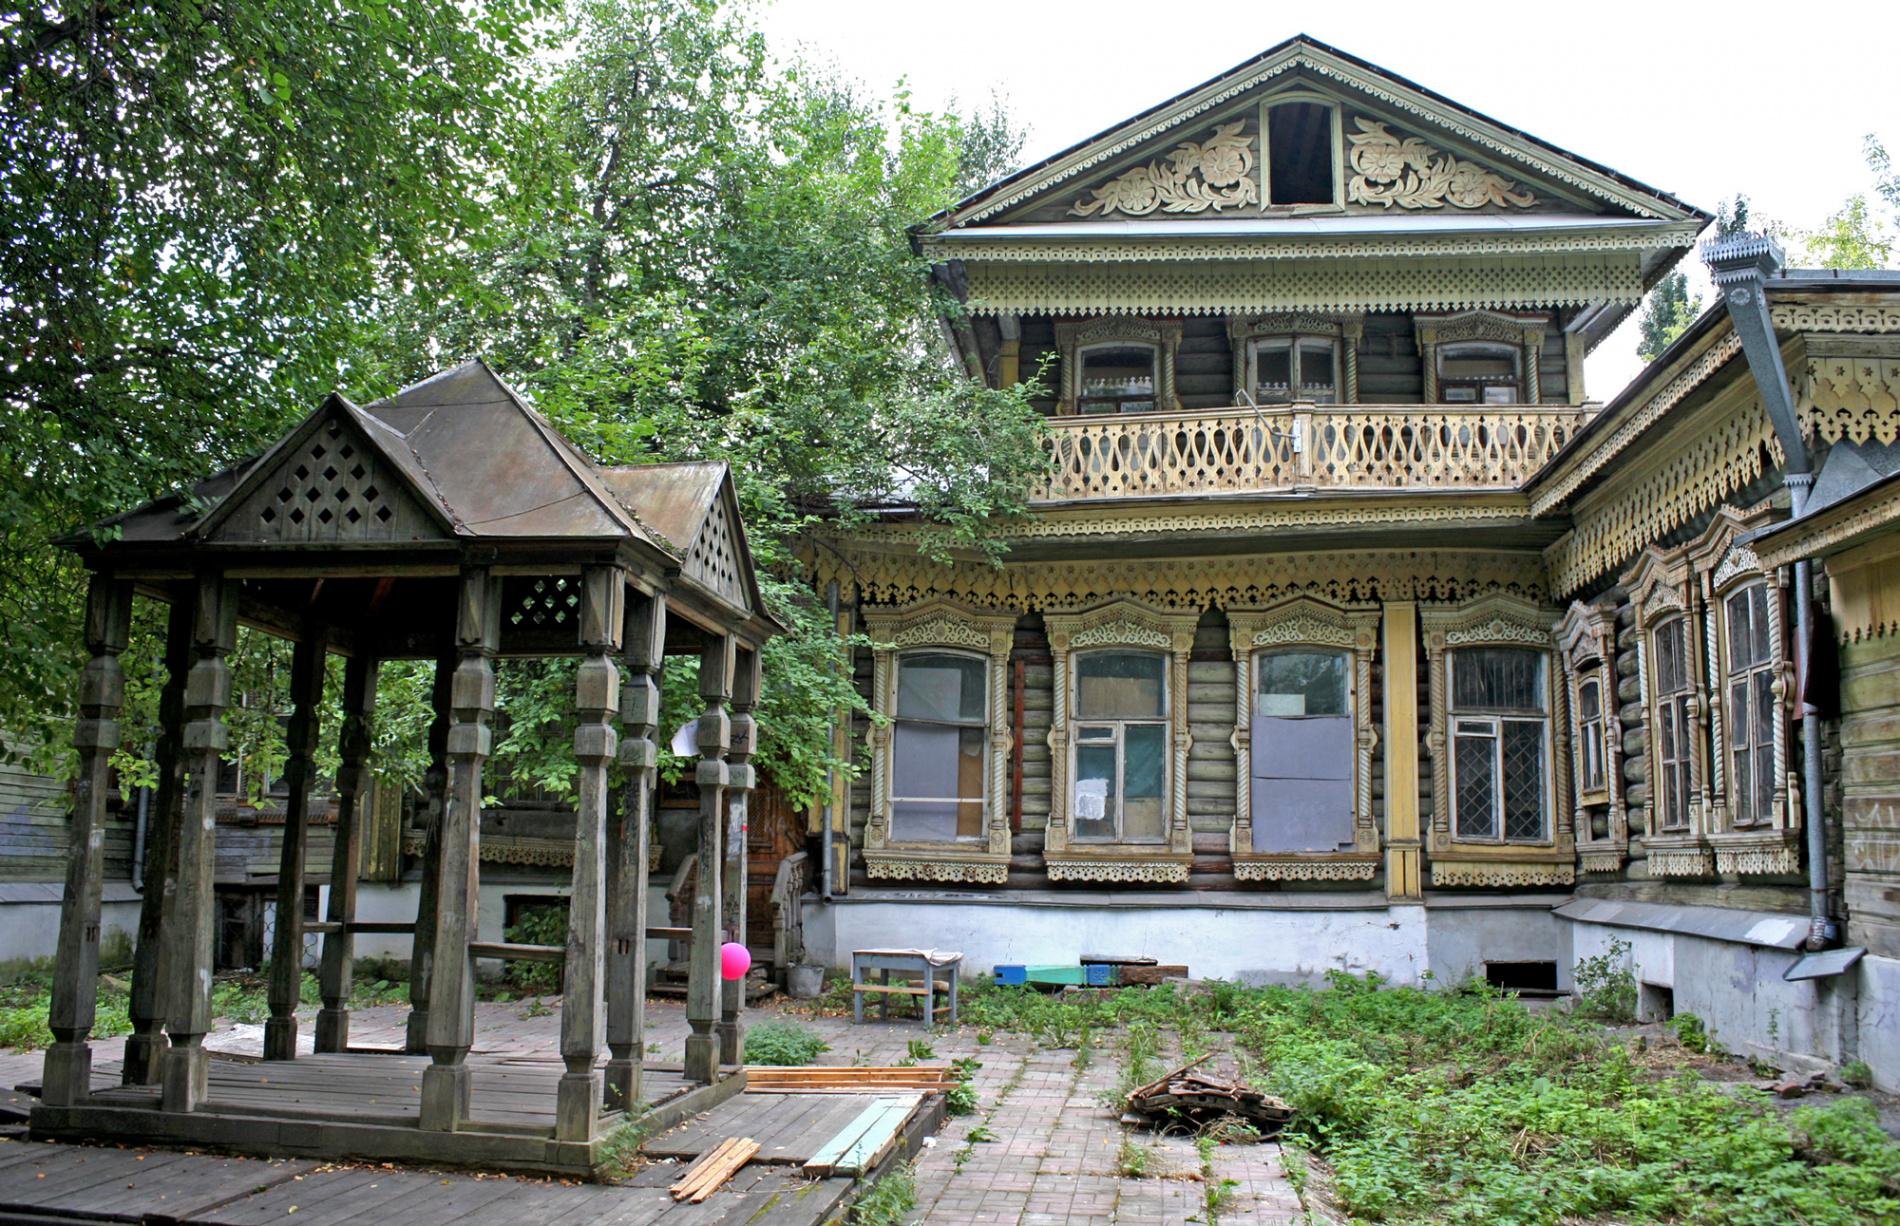 старинные деревянные усадьбы россии фото грибковые